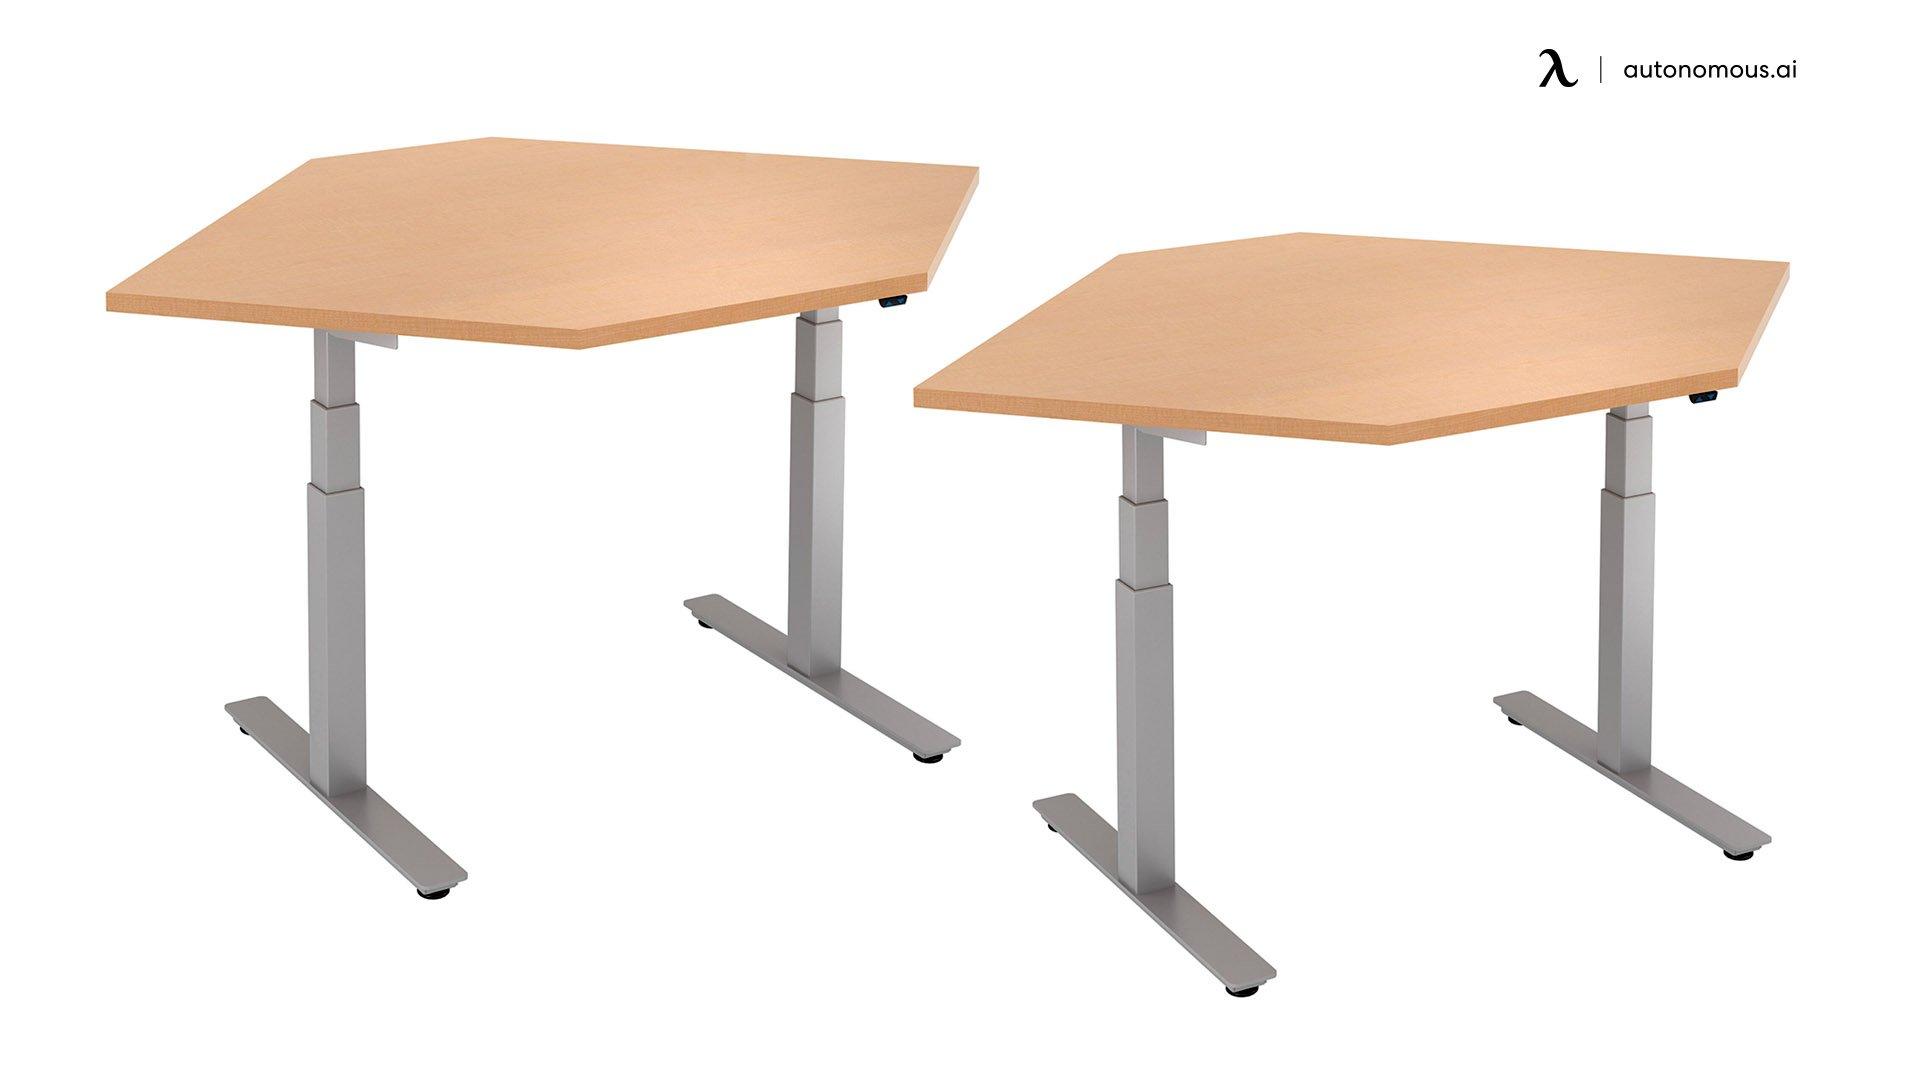 Trendway Straight Corner Adjustable Desk